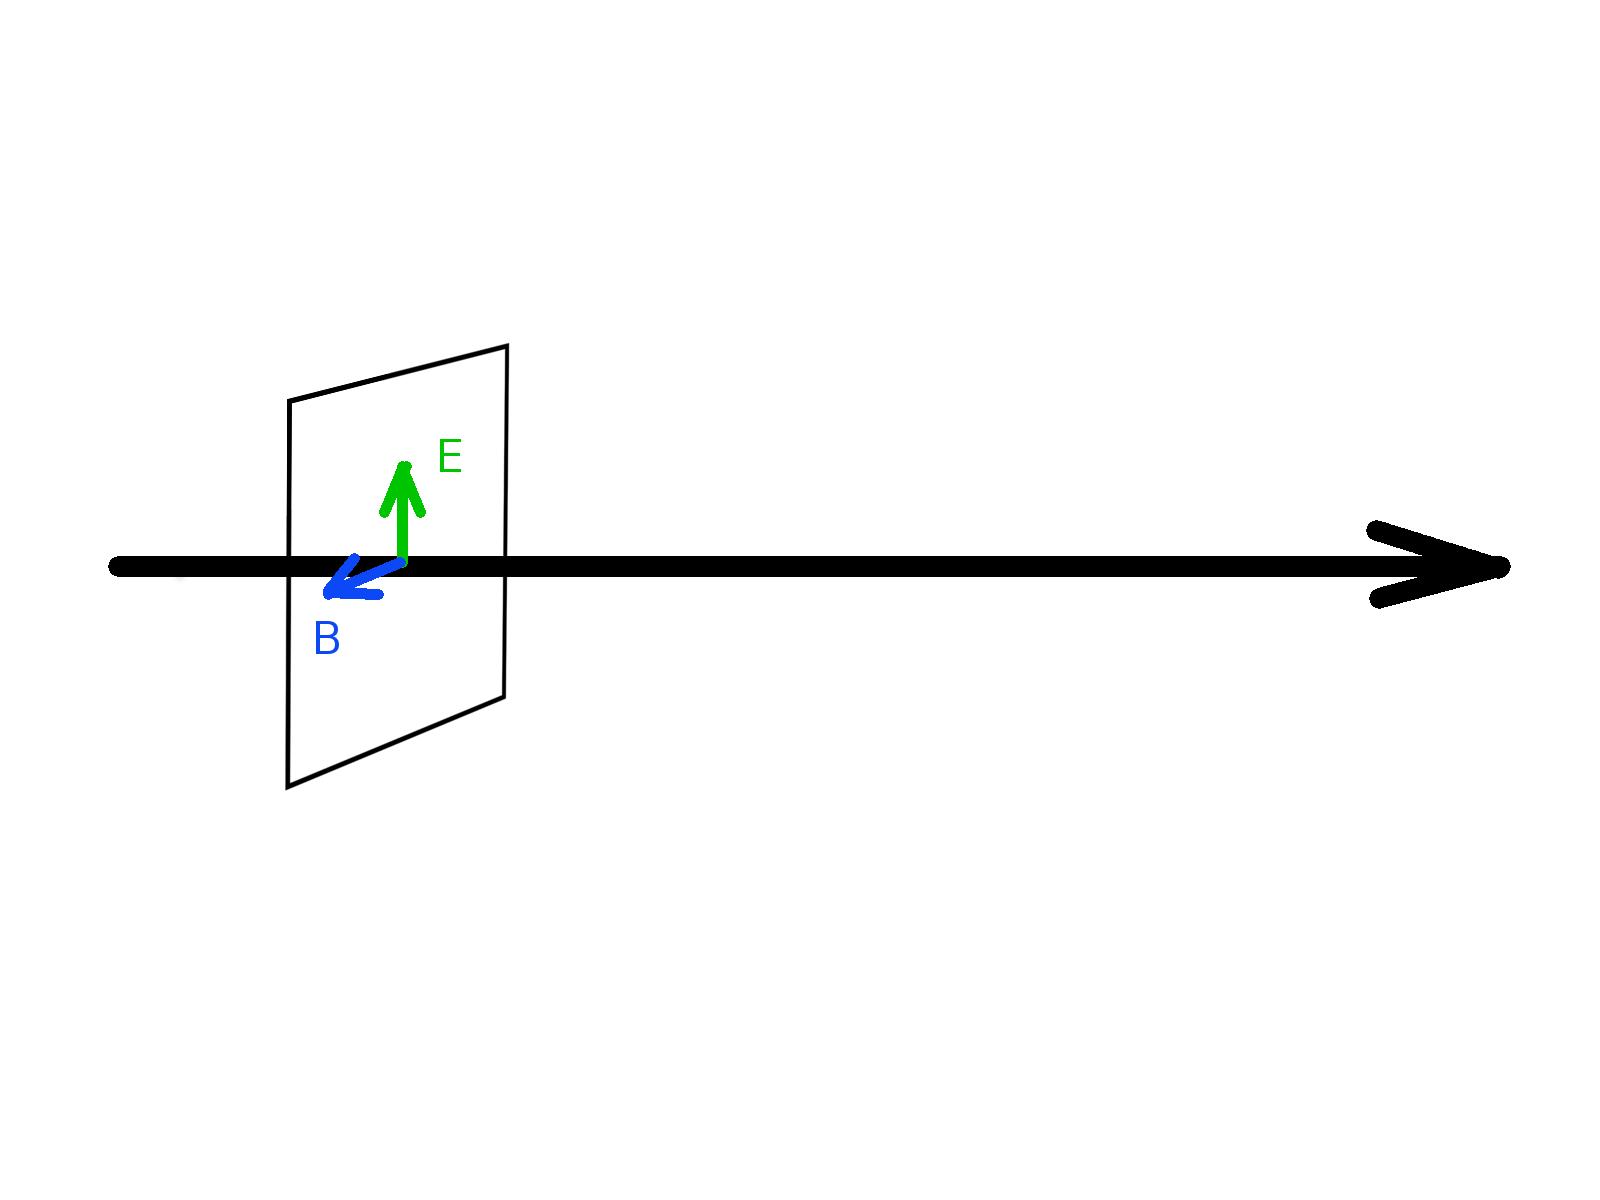 Kruhova polarizace -- vlnění E & B